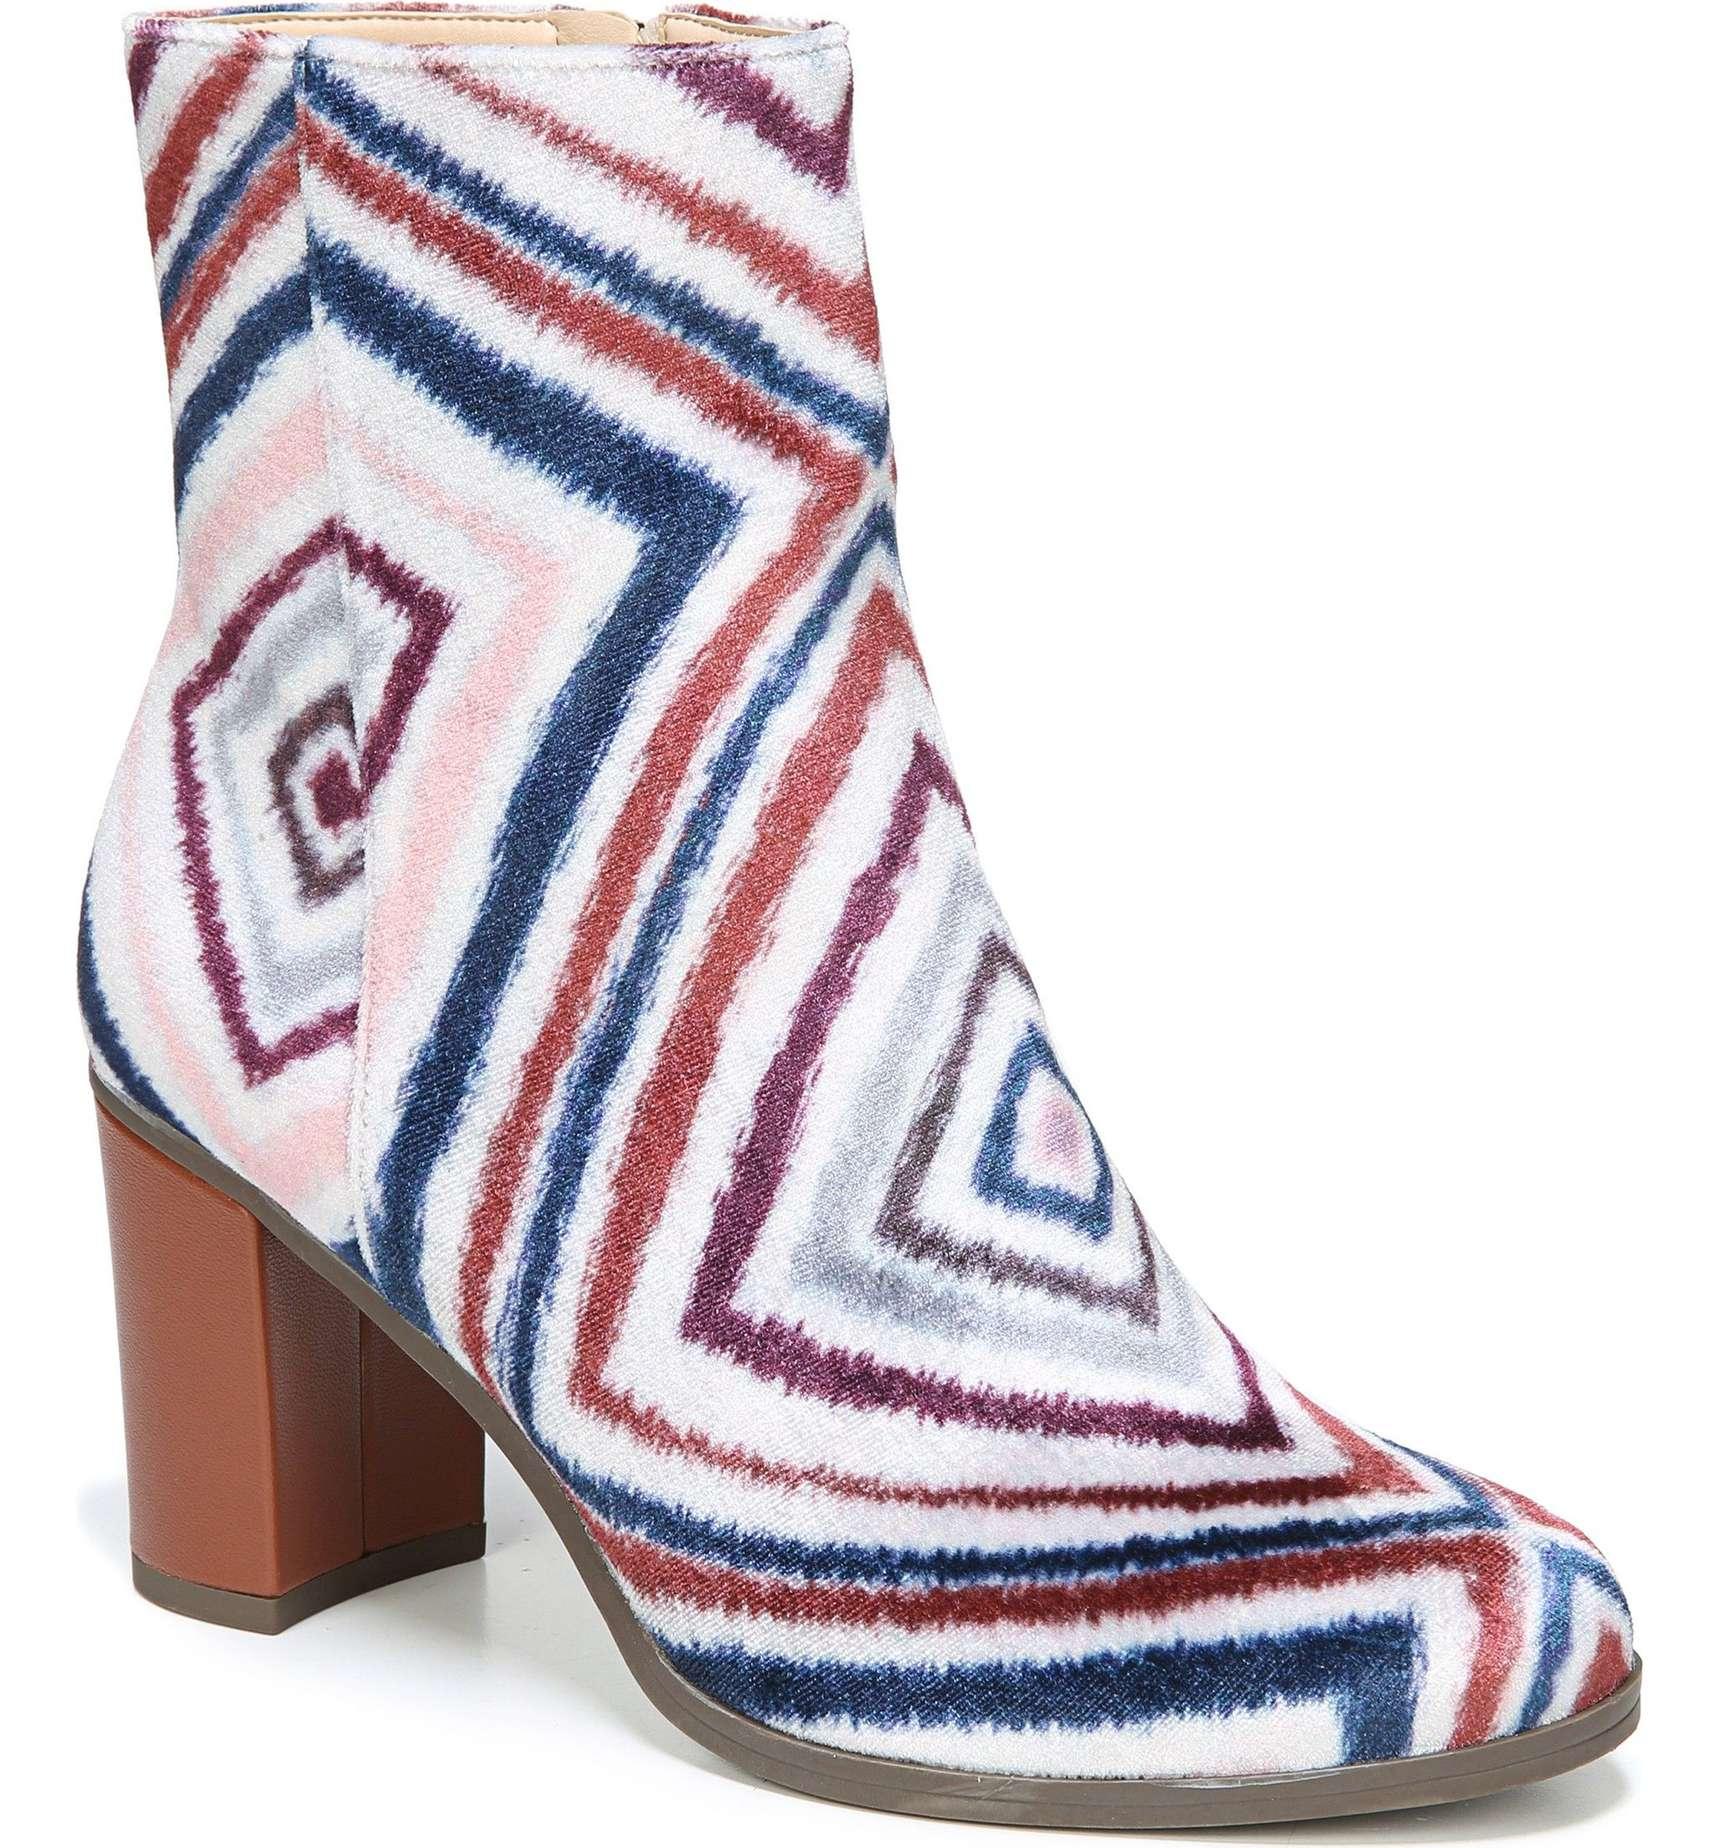 cel mai recent design într-adevăr confortabil priza de fabrica Lista de primăvară – de unde ne luăm haine și pantofi   Chicineta